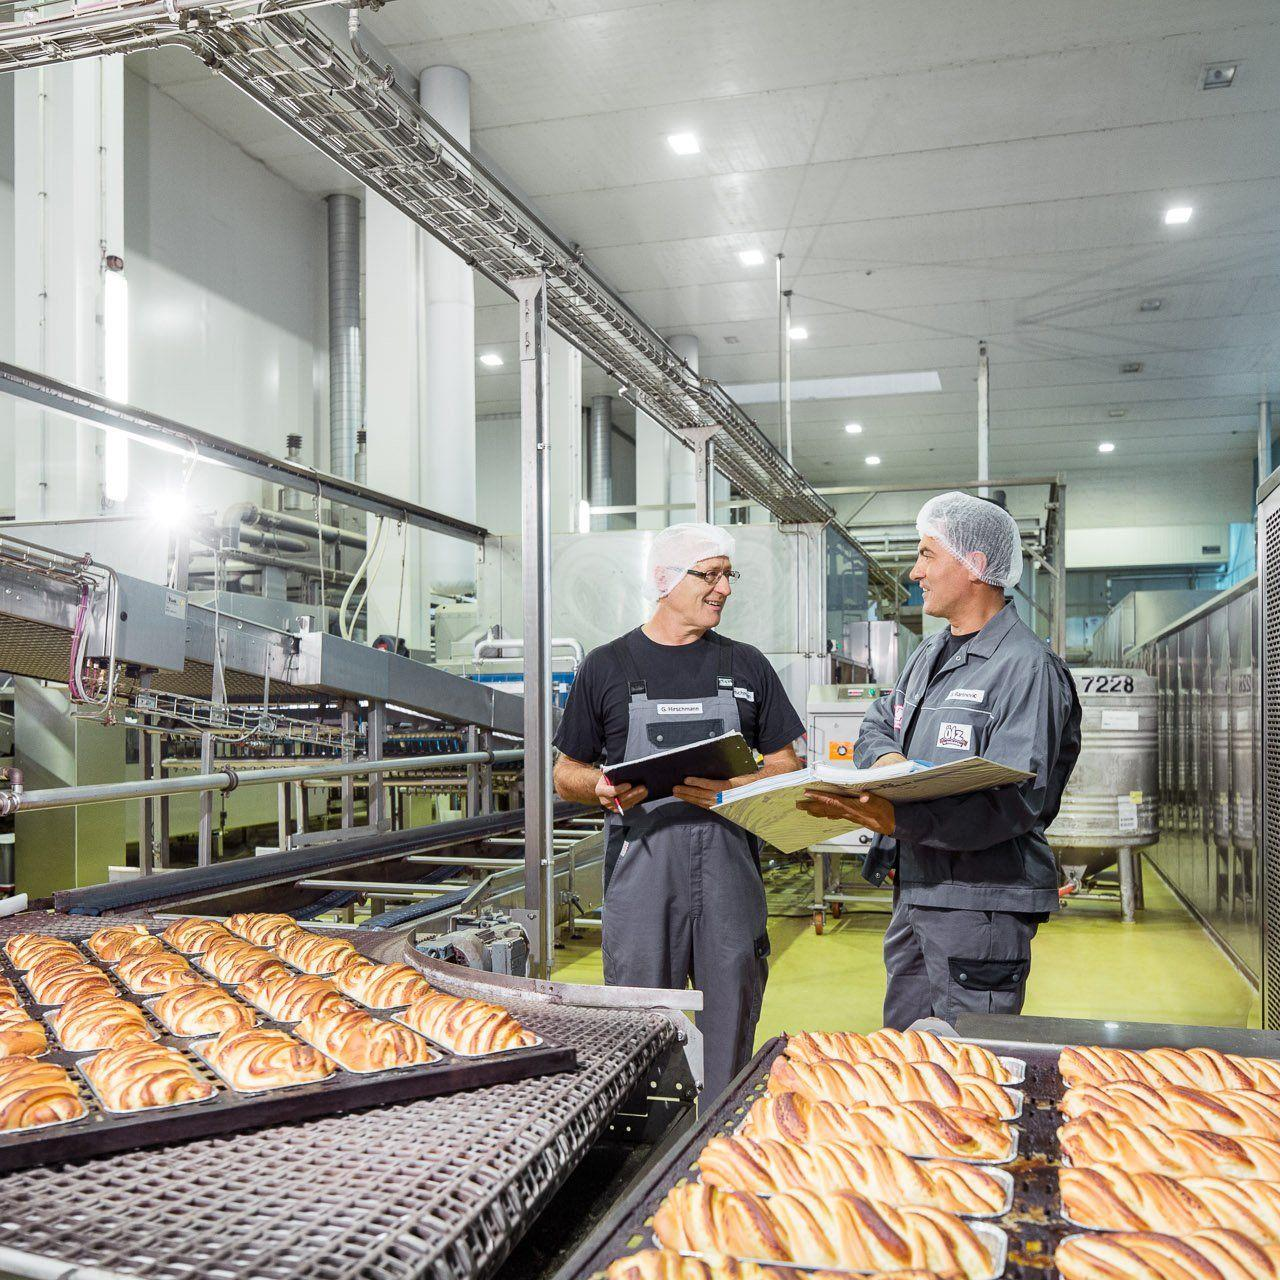 Ölz der Meisterbäcker setzt auf energieeffiziente Herstellung von Backwaren